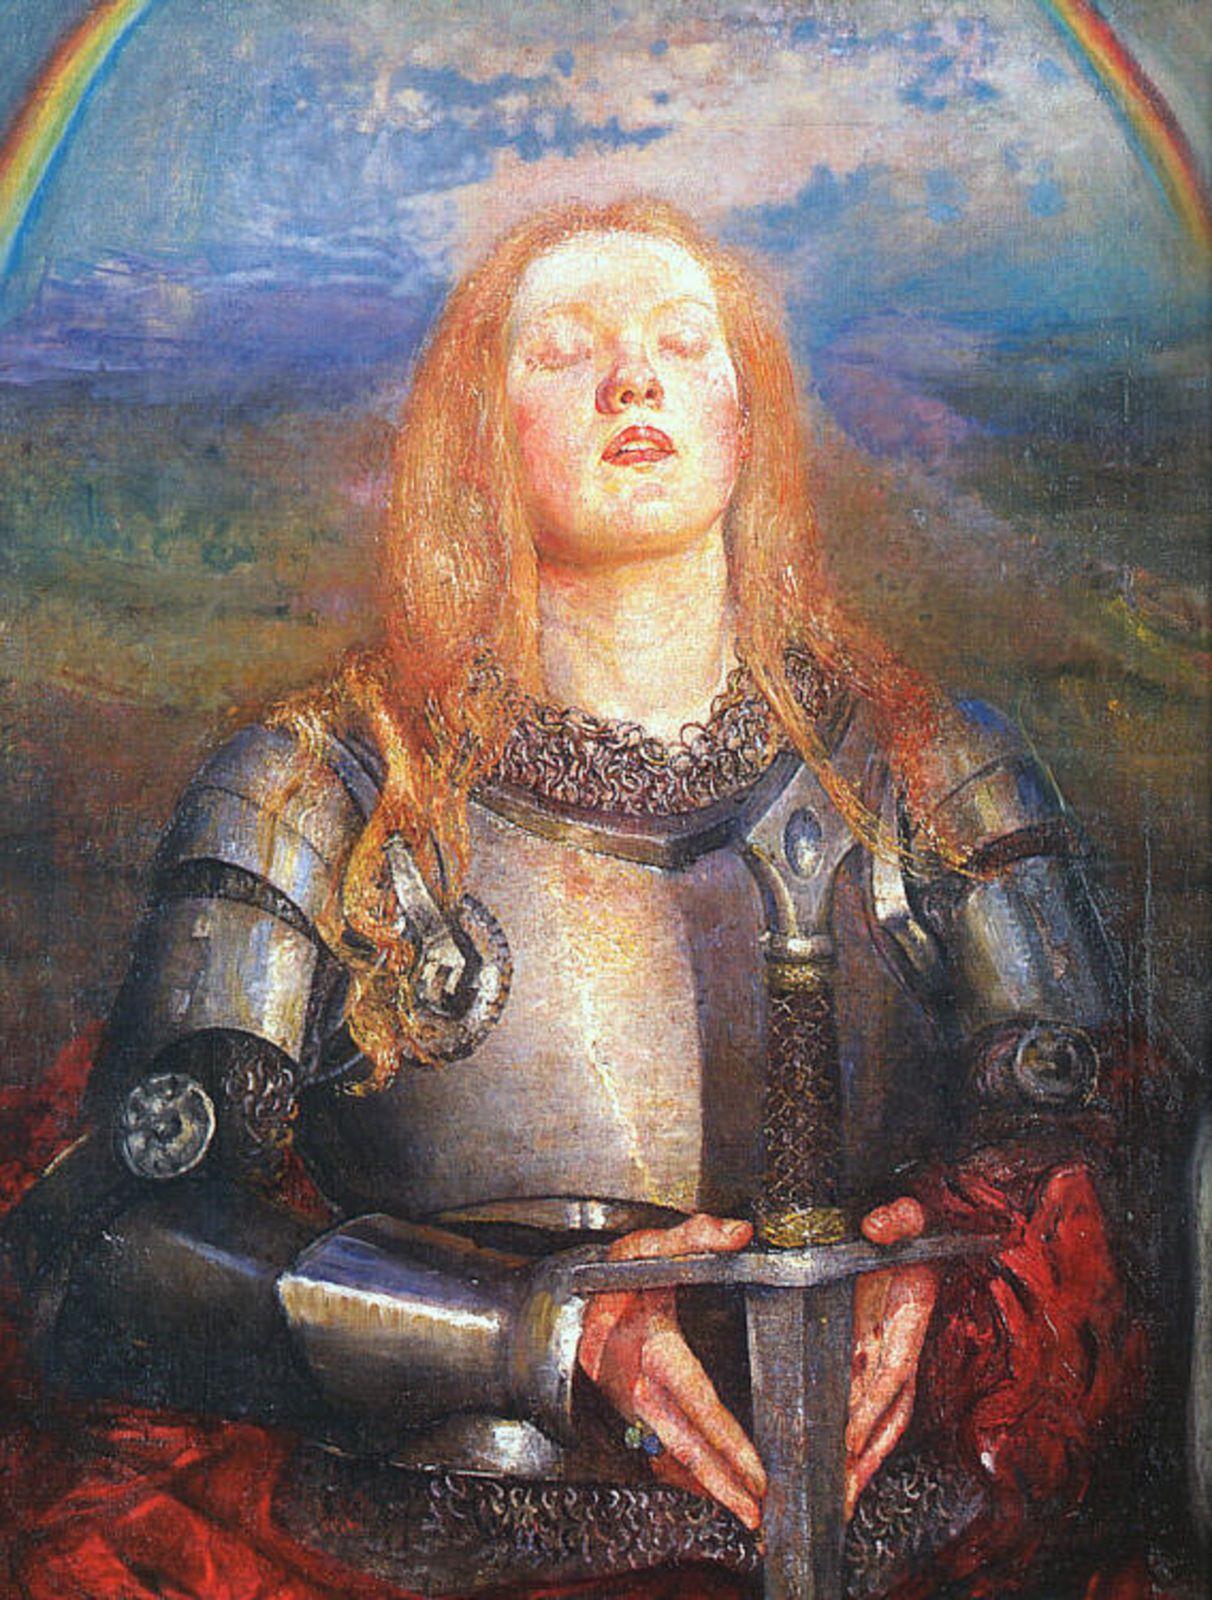 GLAUBE - JOHANNA VON ORLEANS, Gemälde von Annie Louisa Swynnerton